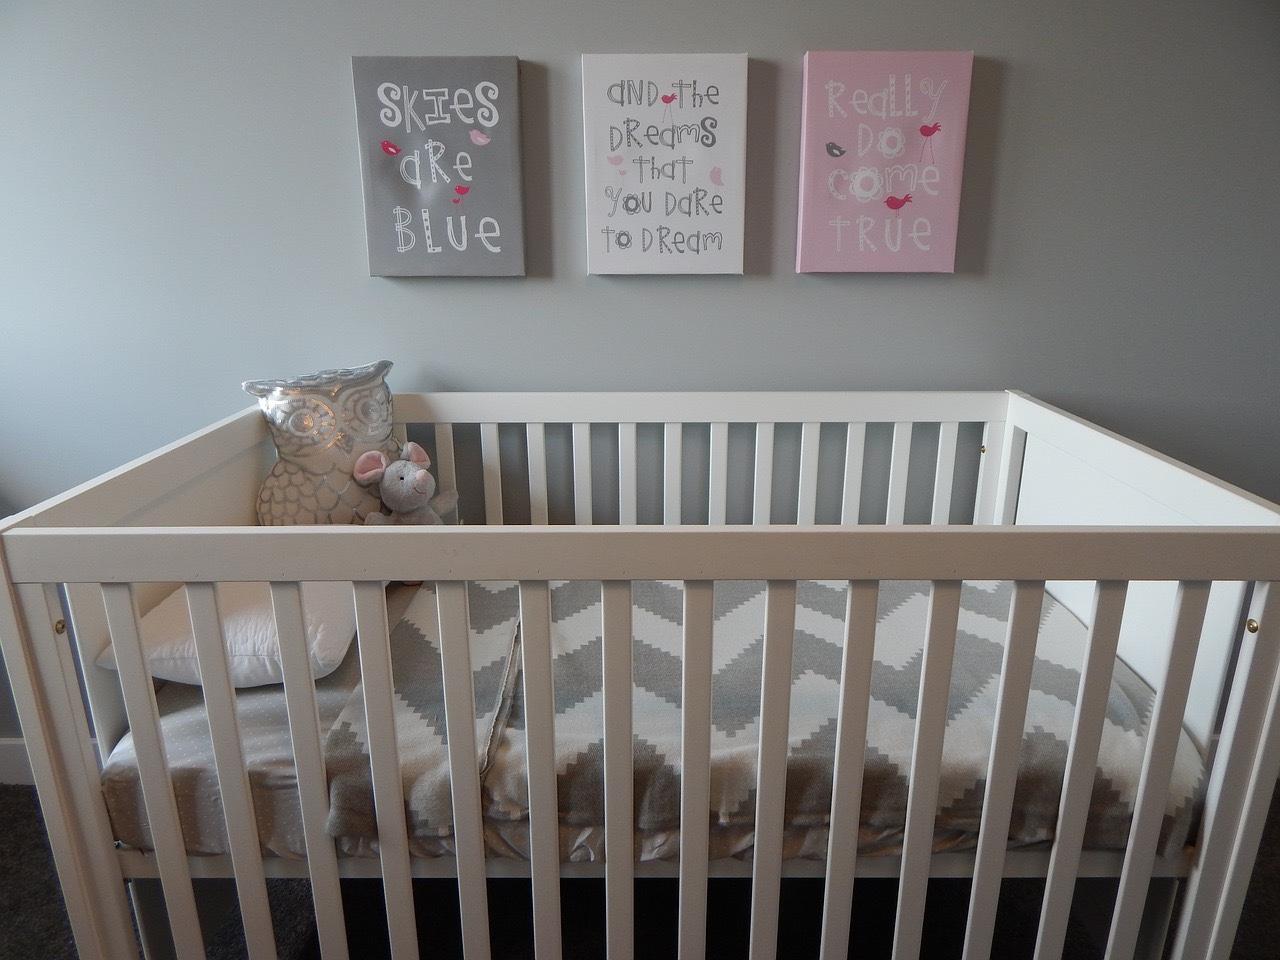 jednogodisnja-beba-umrla-u-snu-u-zemunskom-vrticu